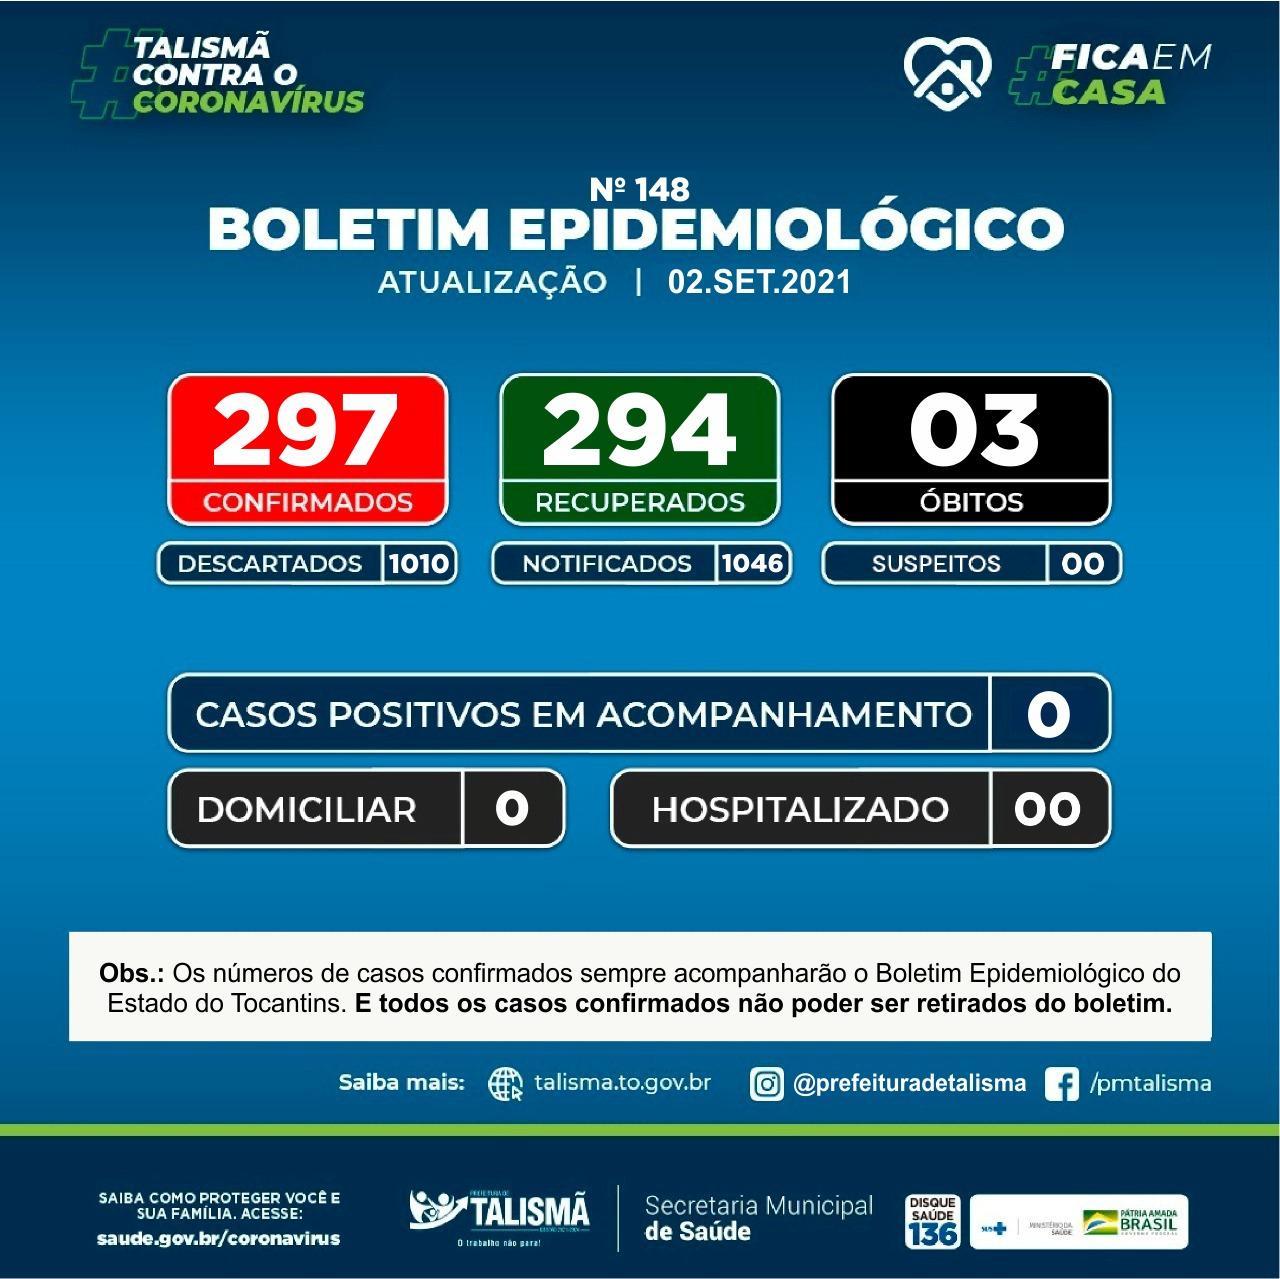 Secretaria de saúde informa atravéz de Boletim Epidemiológico que zerou o numero de casos positivos e de suspeitos